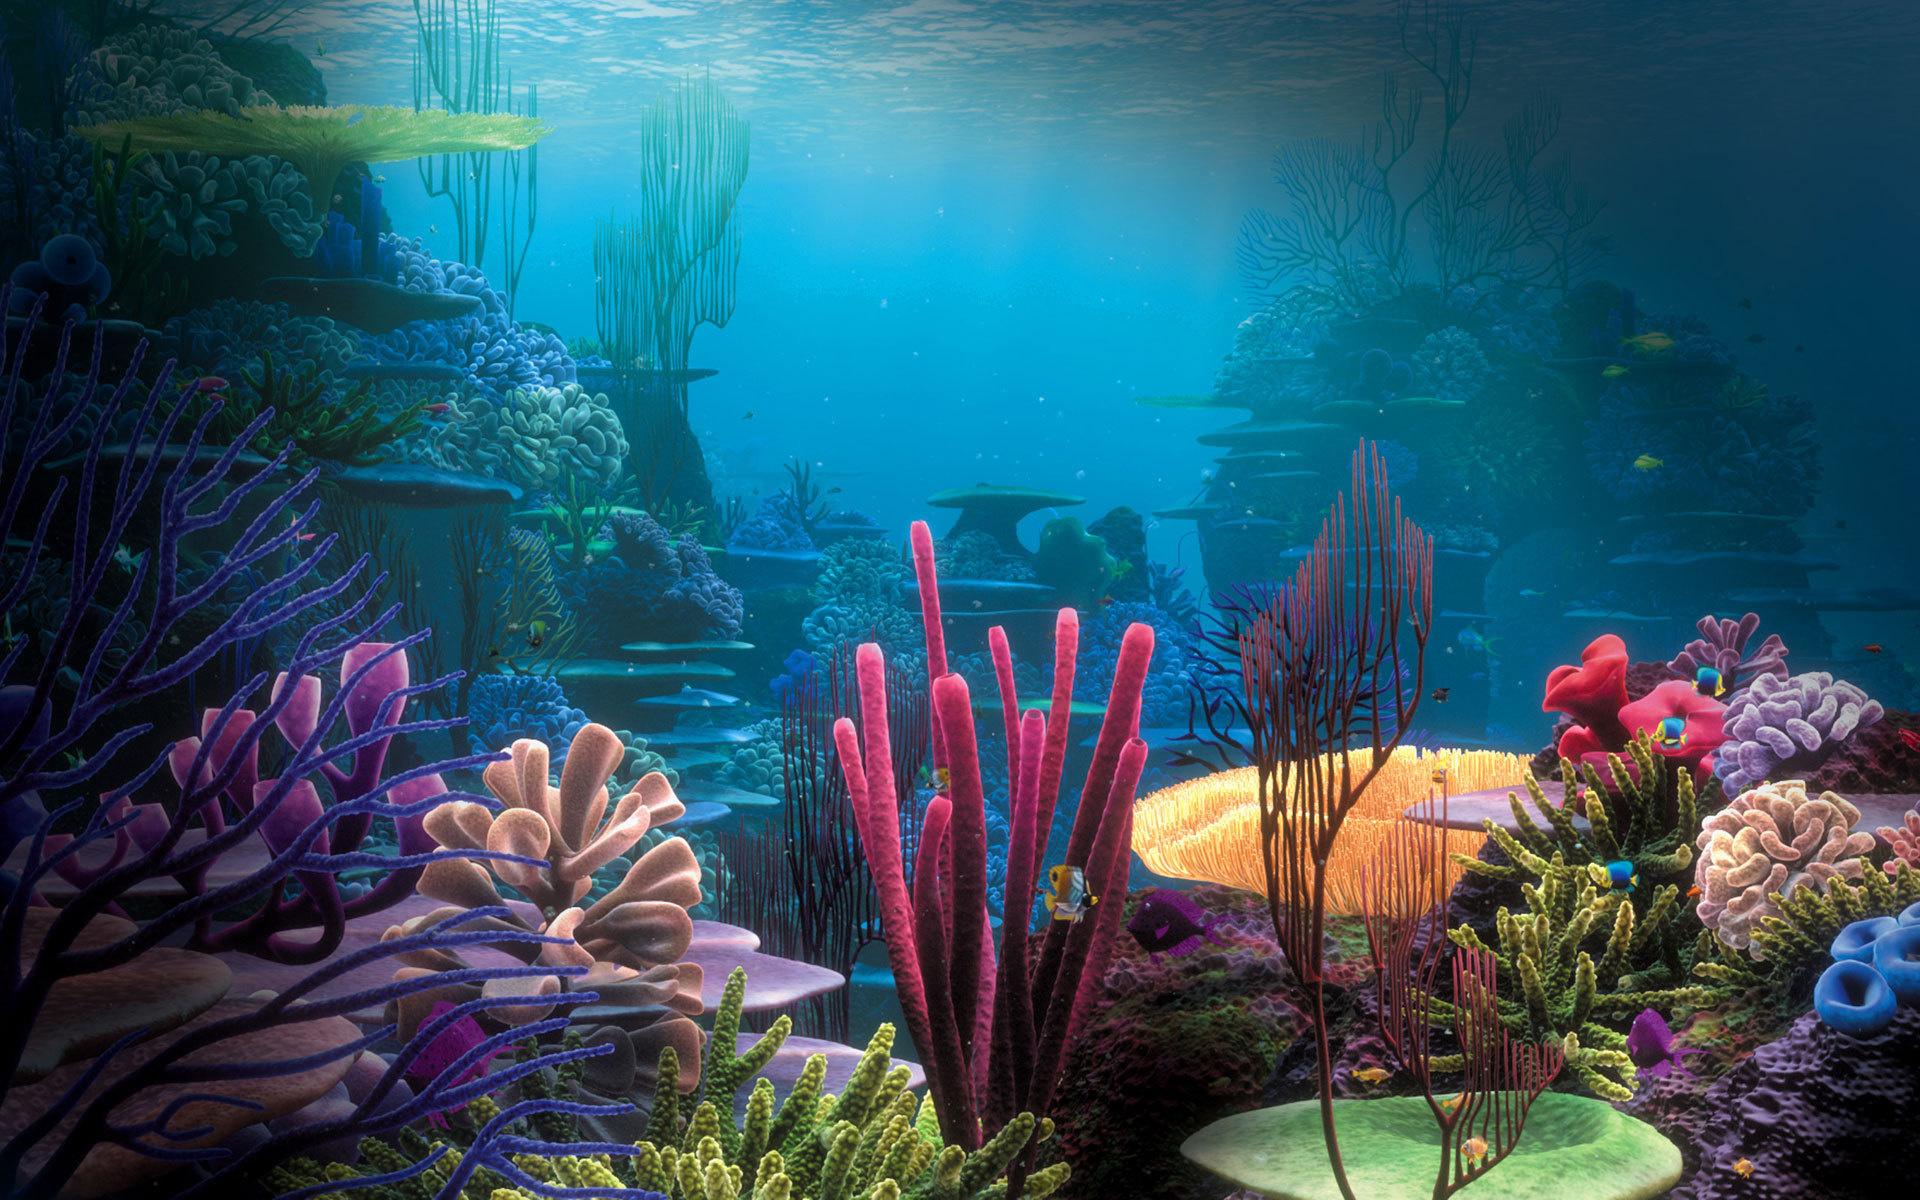 Sea underwater coral ocean fantasy wallpaper 1920x1200 153323 1920x1200